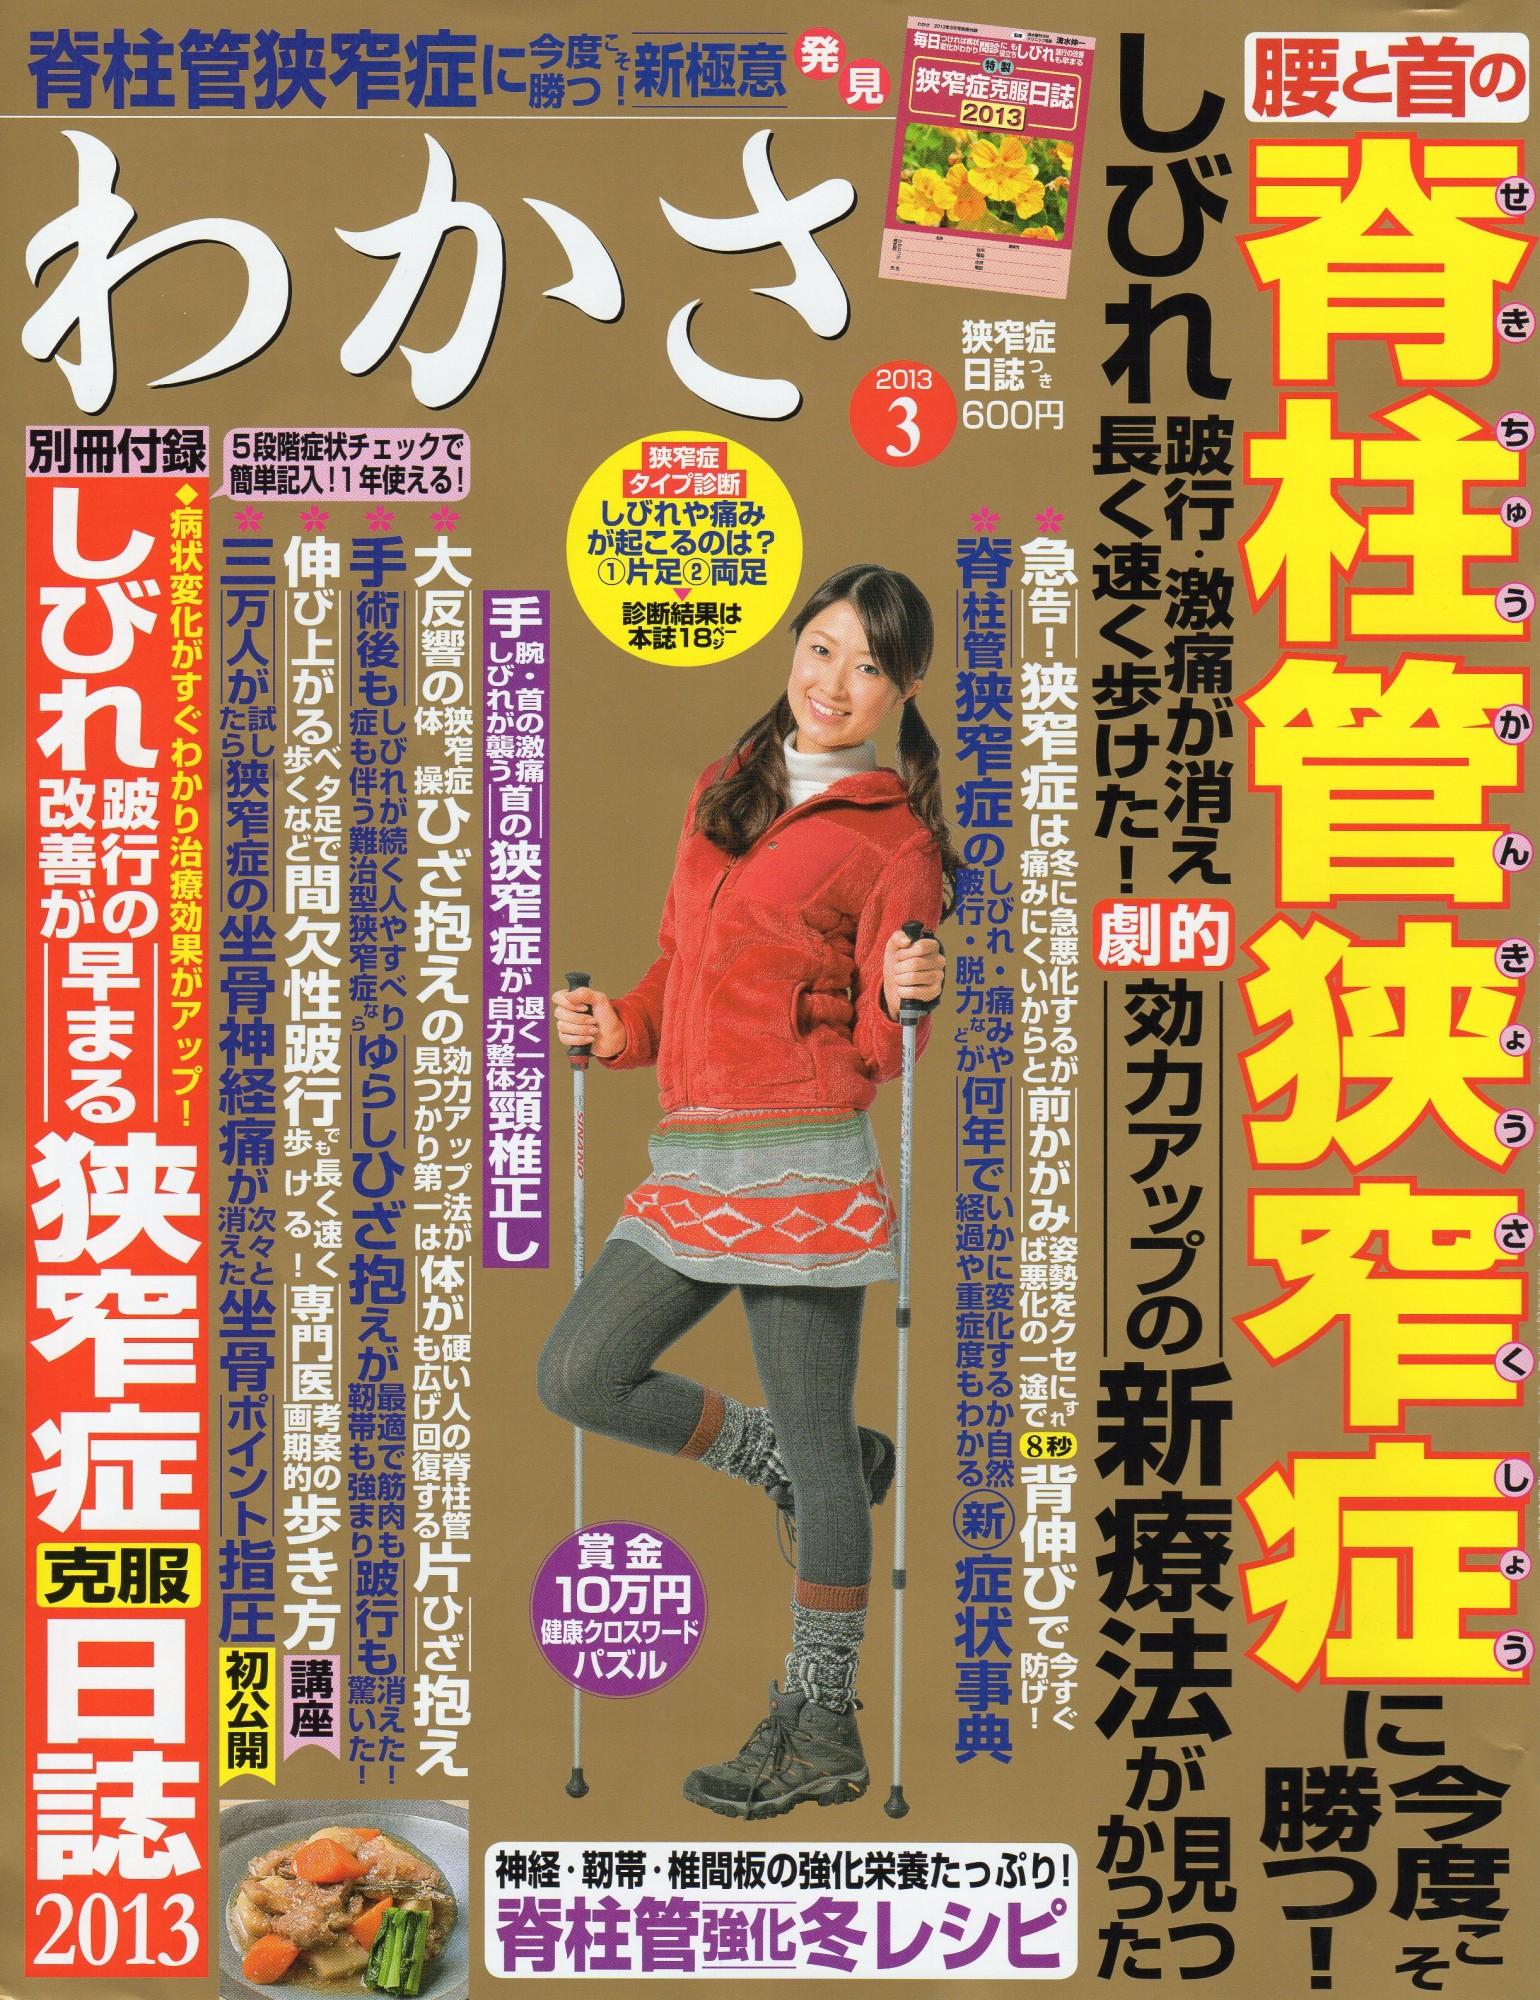 雑誌【わかさ】3月号『脊柱管狭窄症特集』で紹介